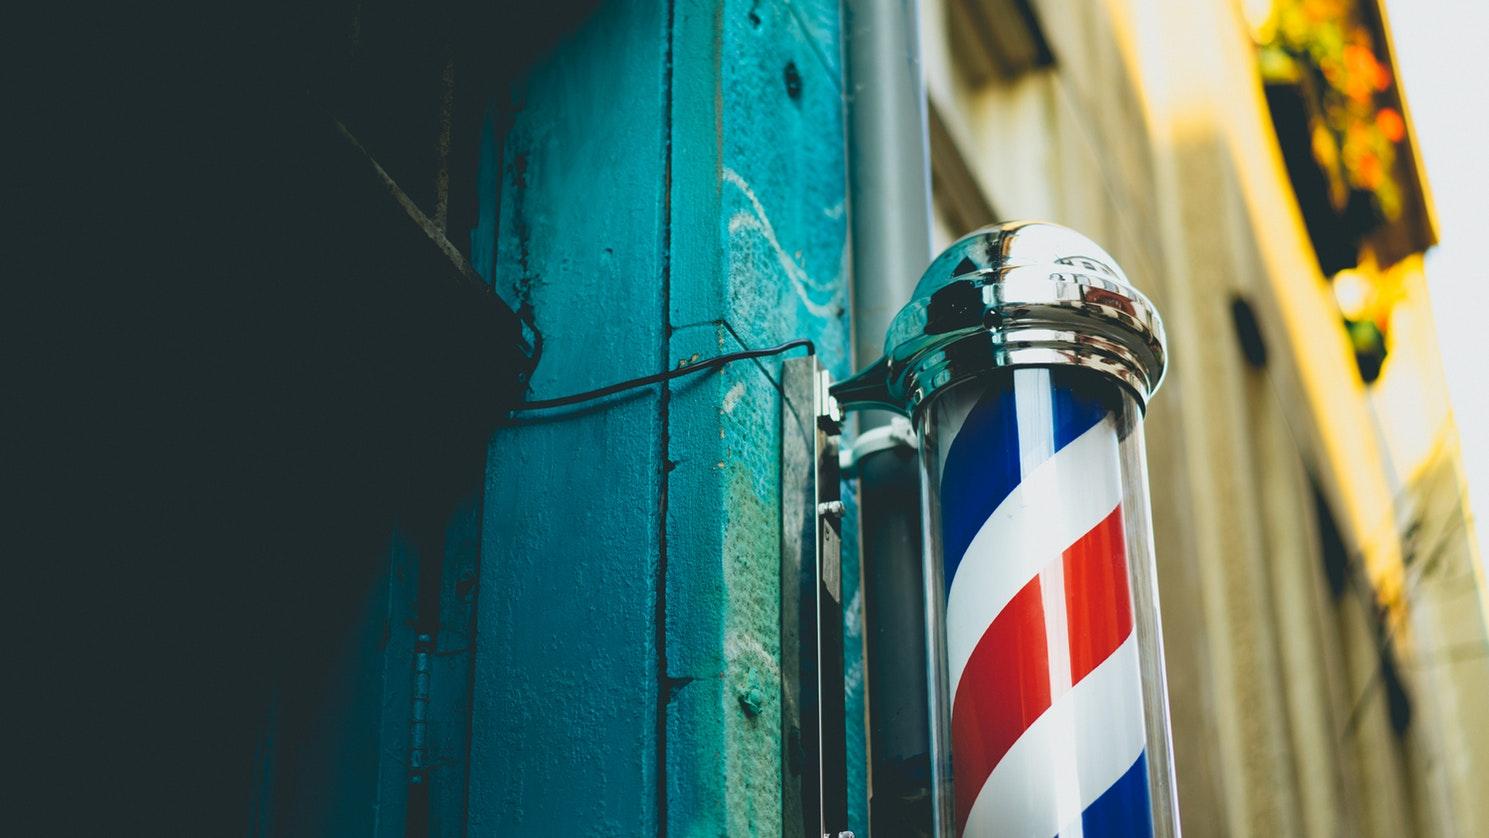 Hair salon - Look like new again